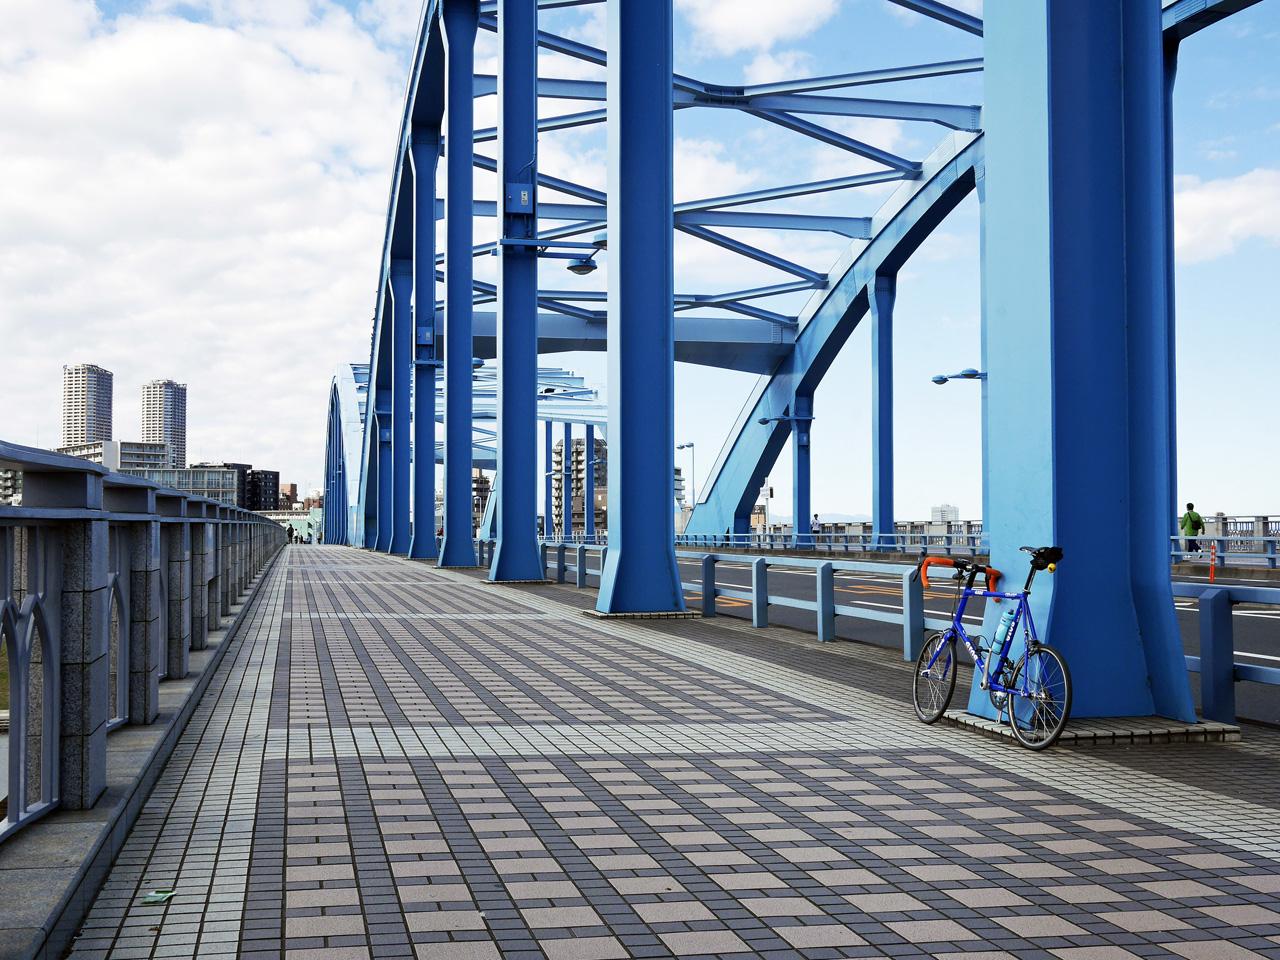 丸子橋で多摩川を渡って川崎市へ突入